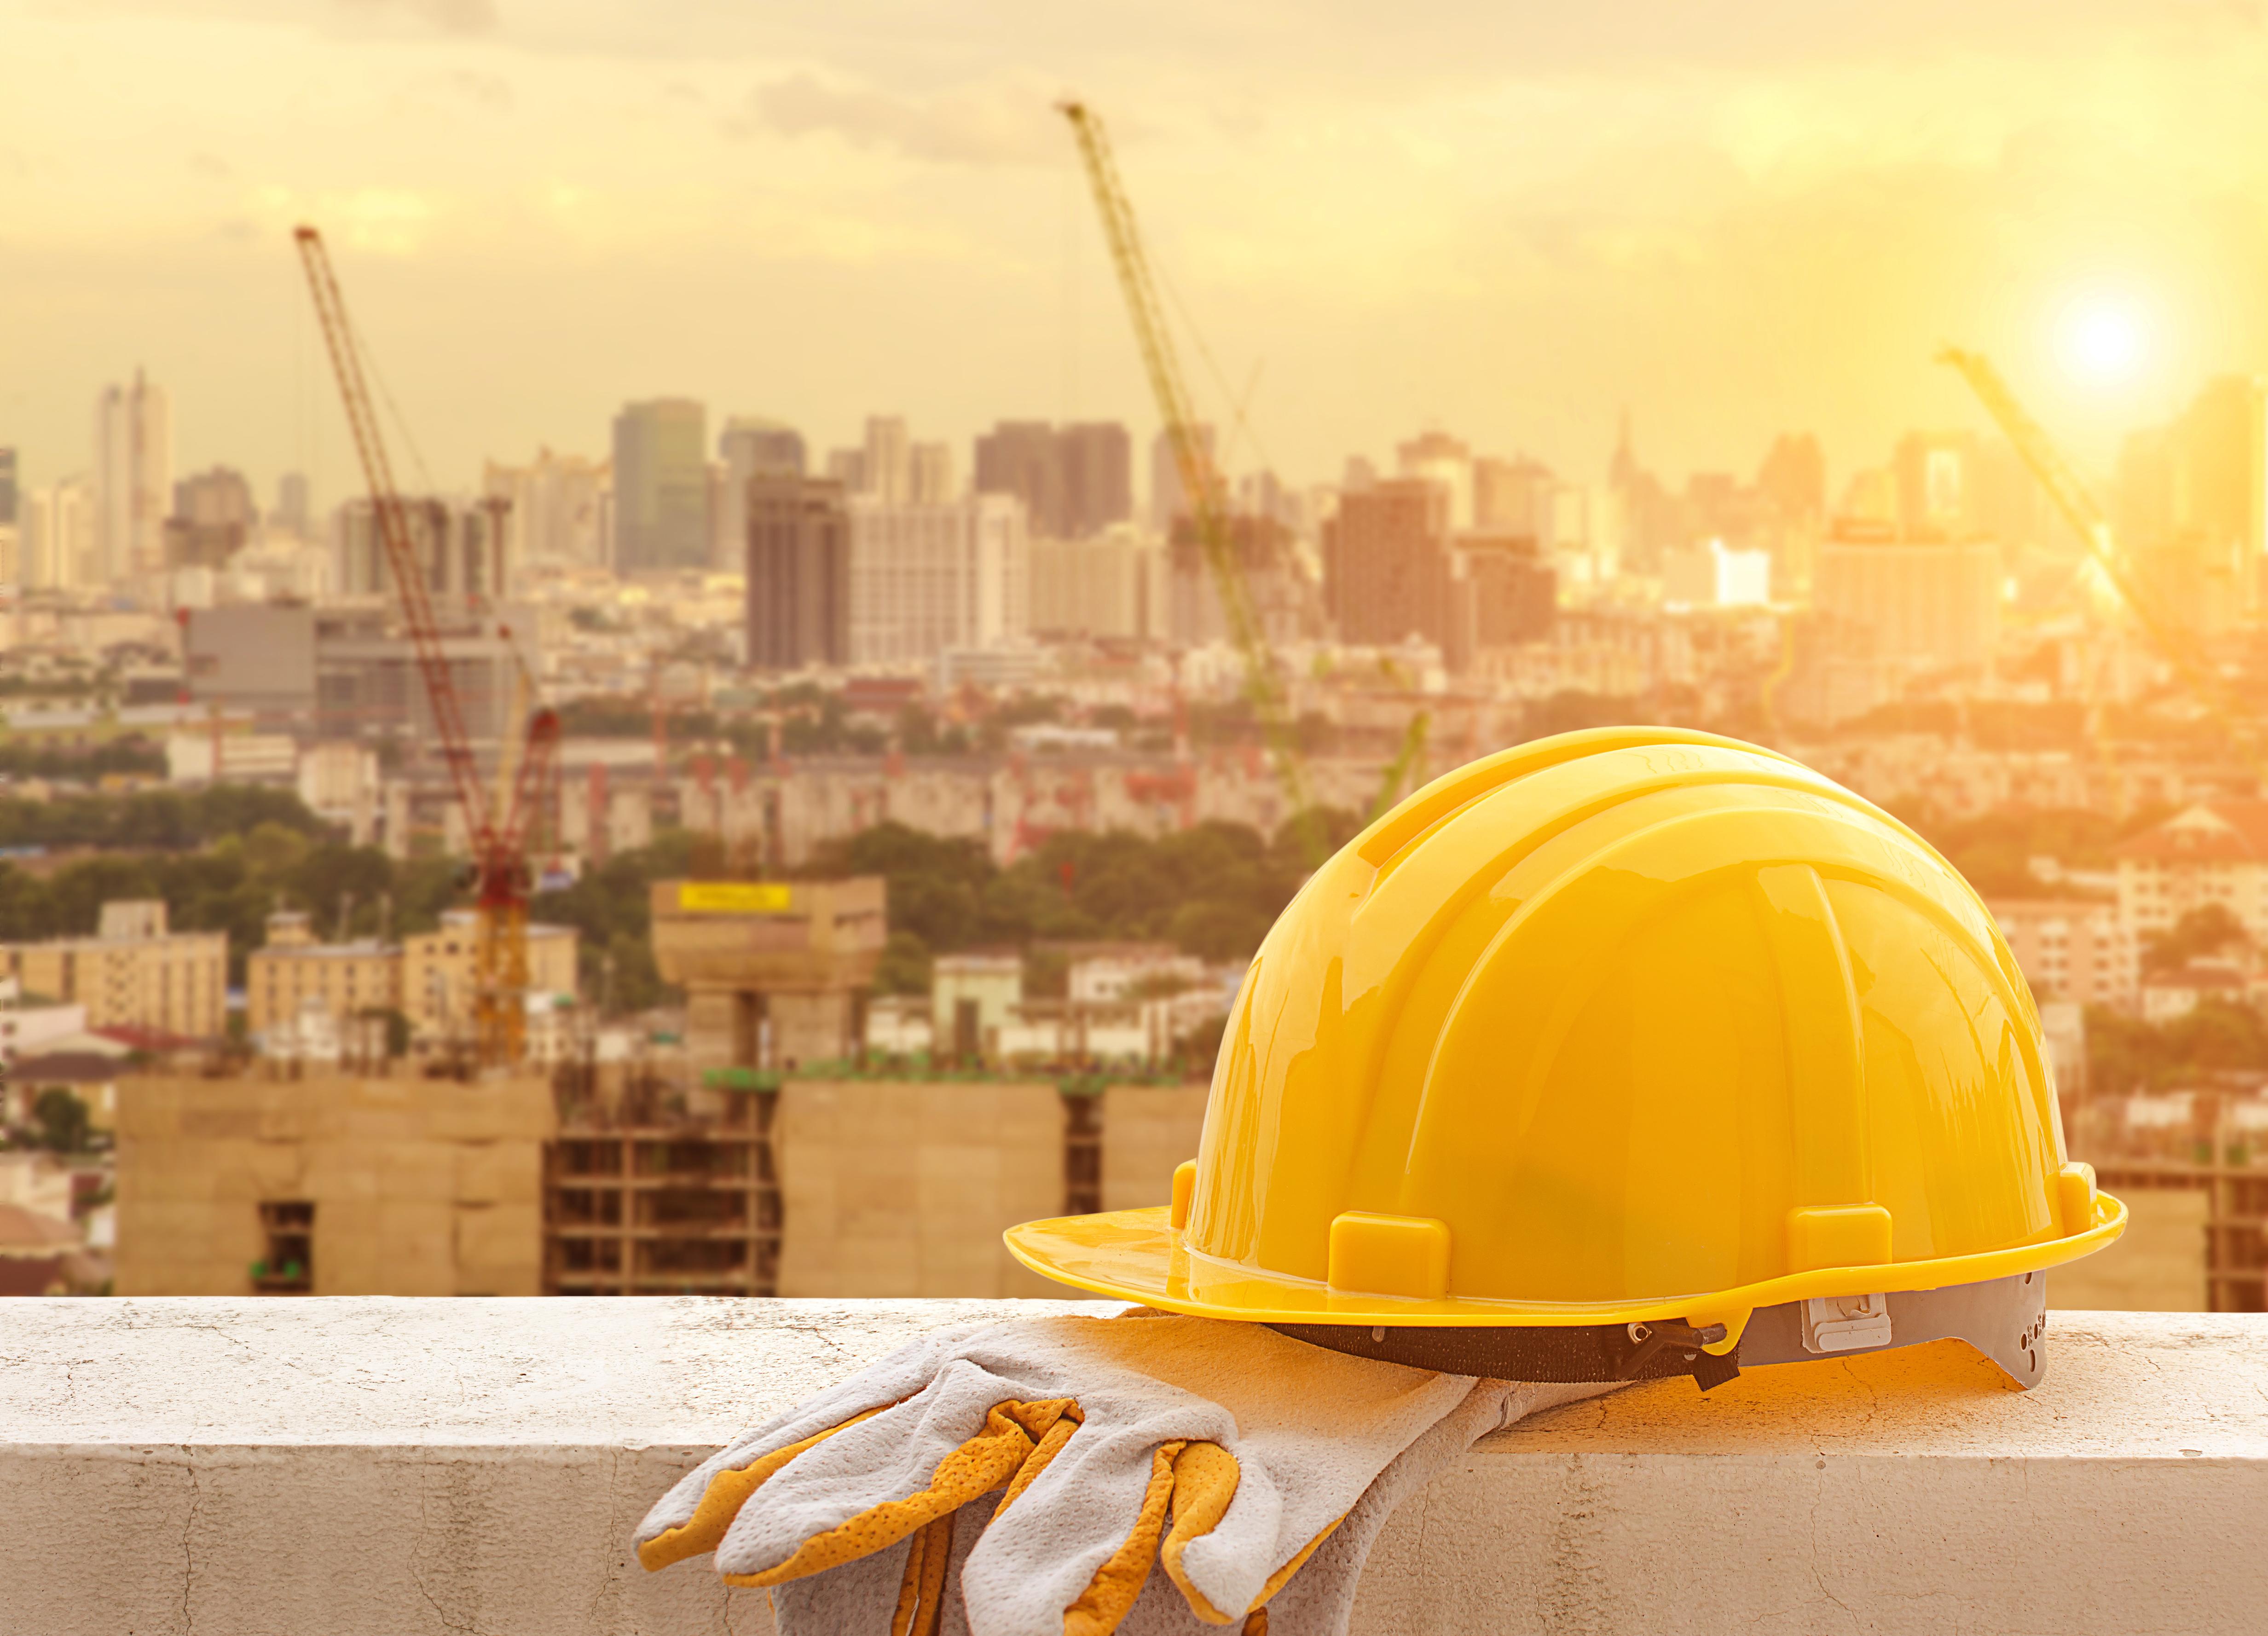 картинки на строительную тему в высоком качестве